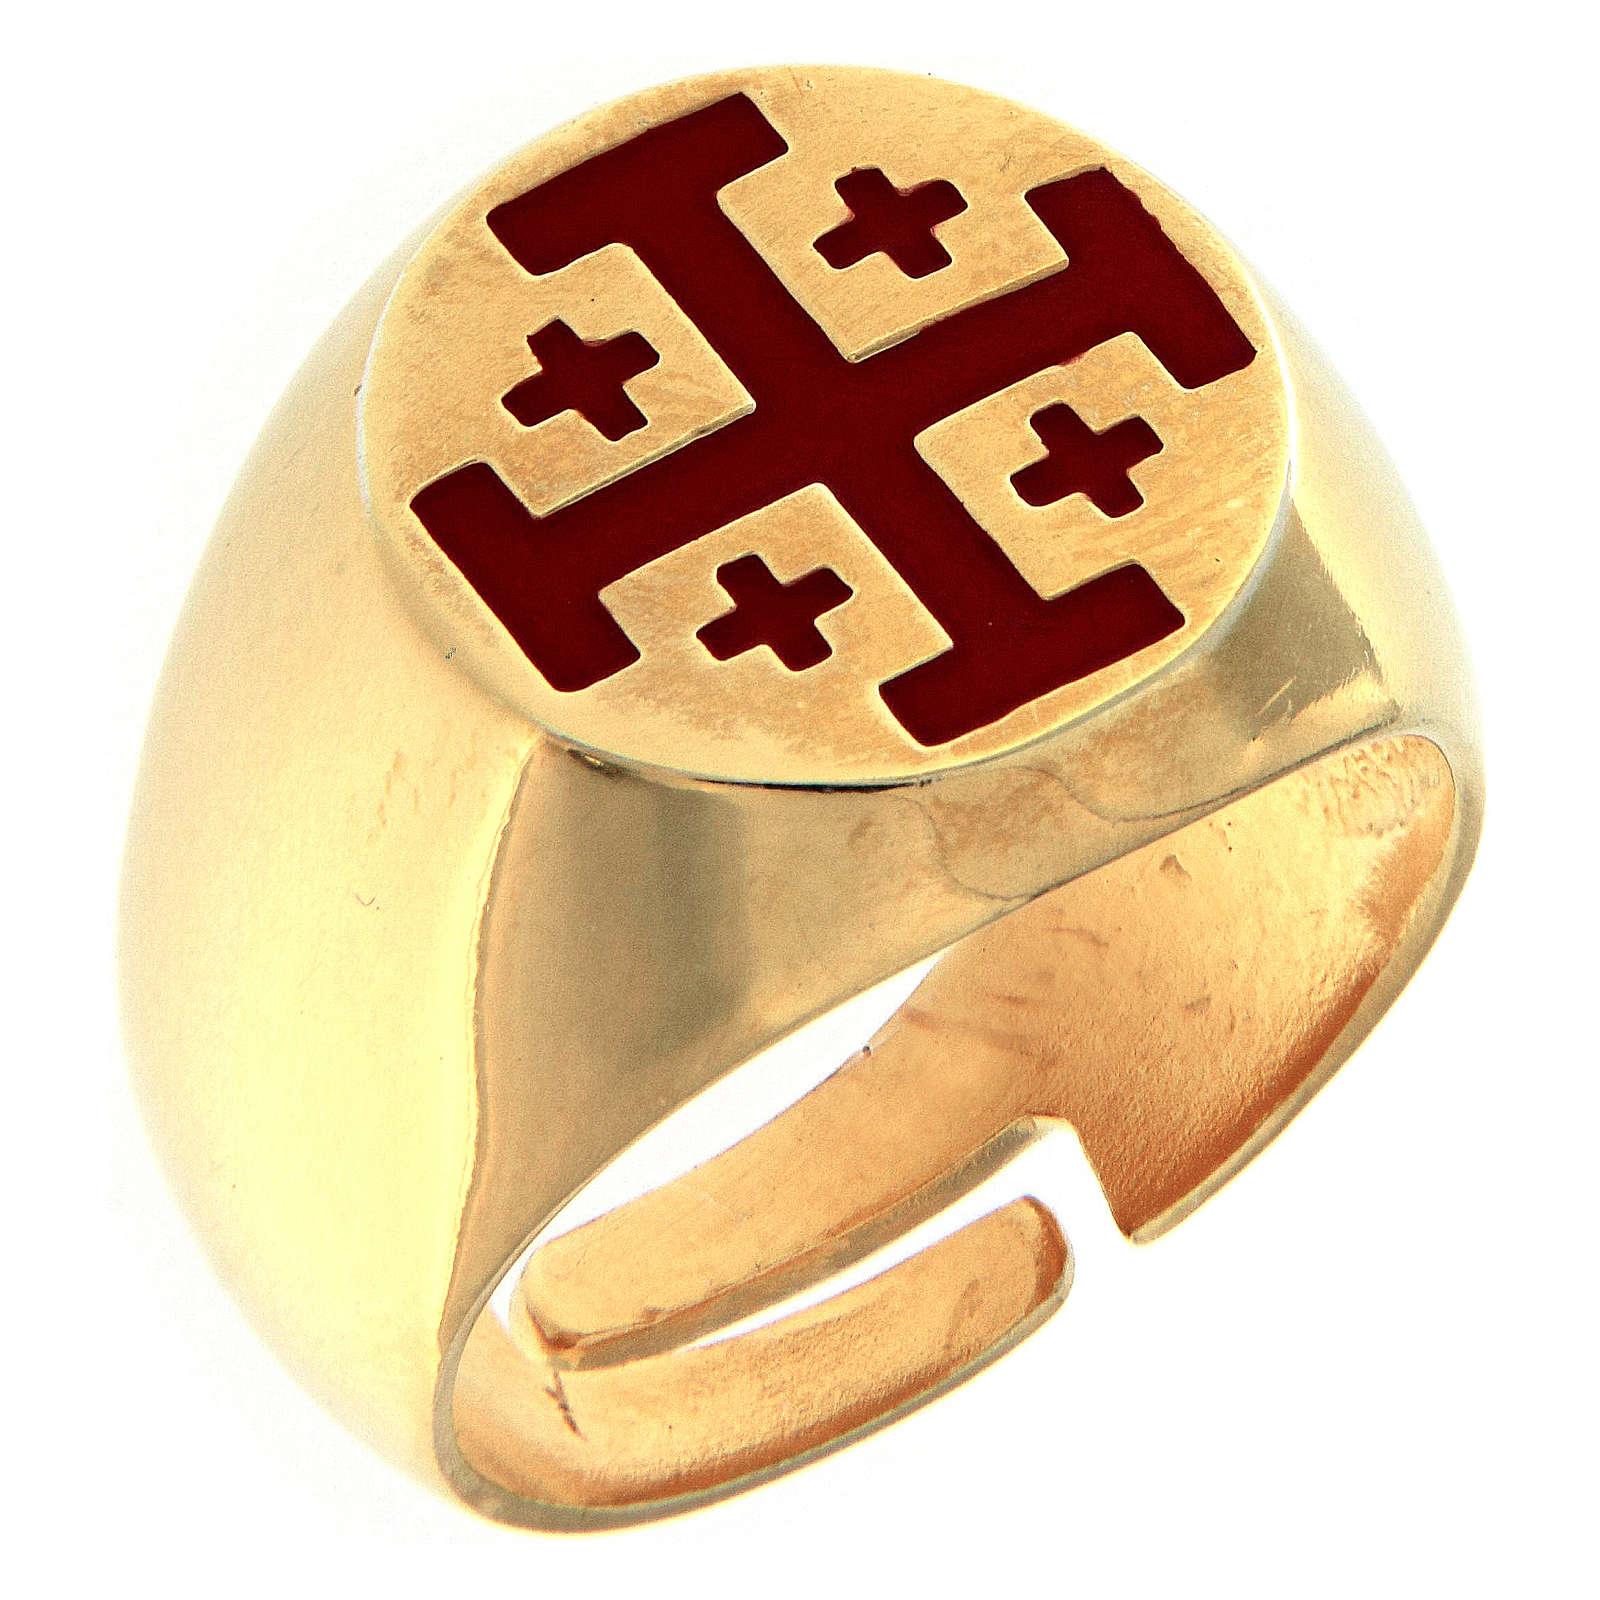 Anillo episcopal de plata 925 dorada con cruz de Jerusalén 3